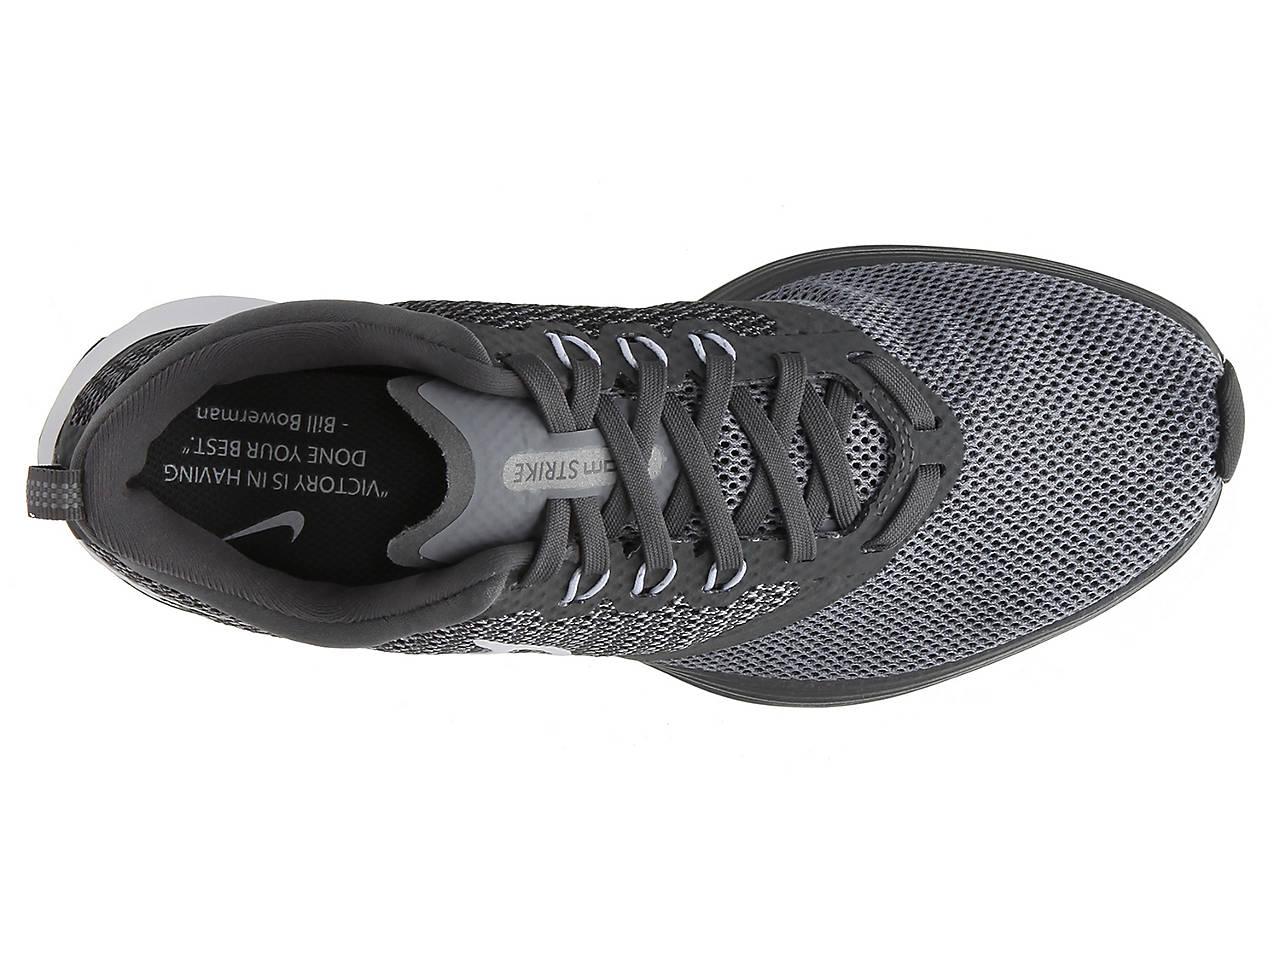 542c2ff3203f7b Nike Zoom Strike Lightweight Running Shoe - Women s Women s Shoes